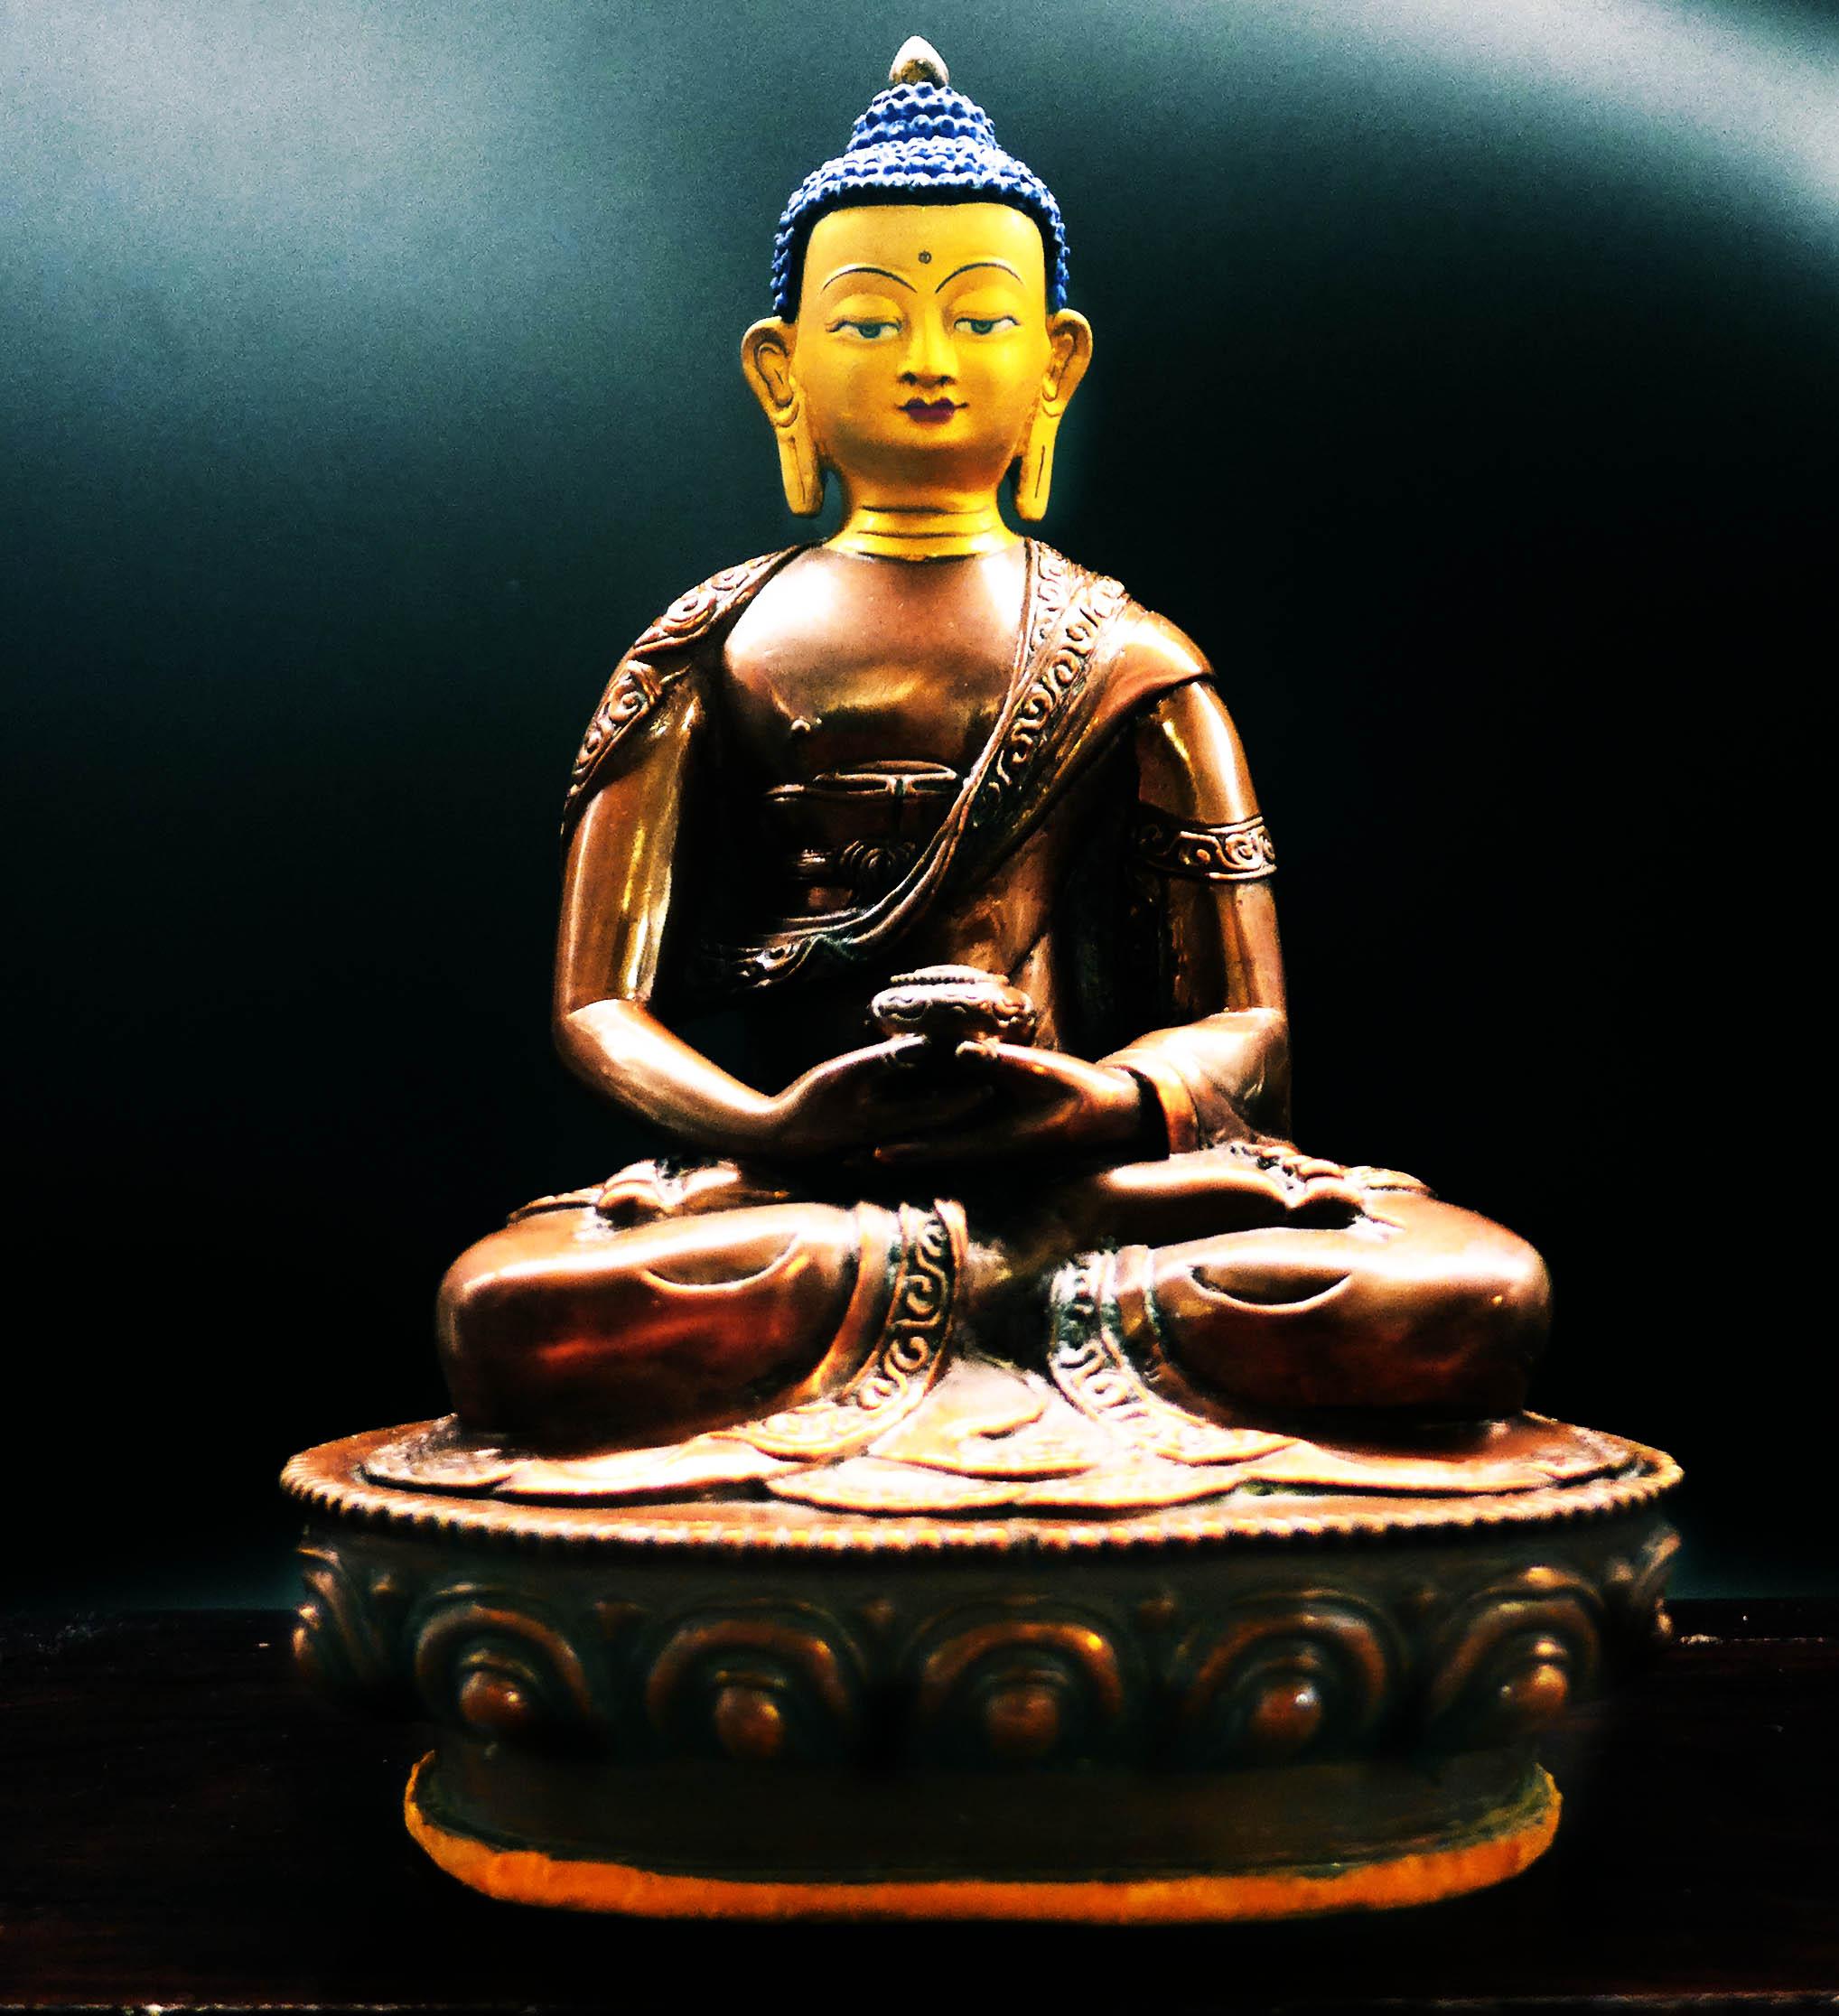 马来西亚食神-阿弥陀佛像